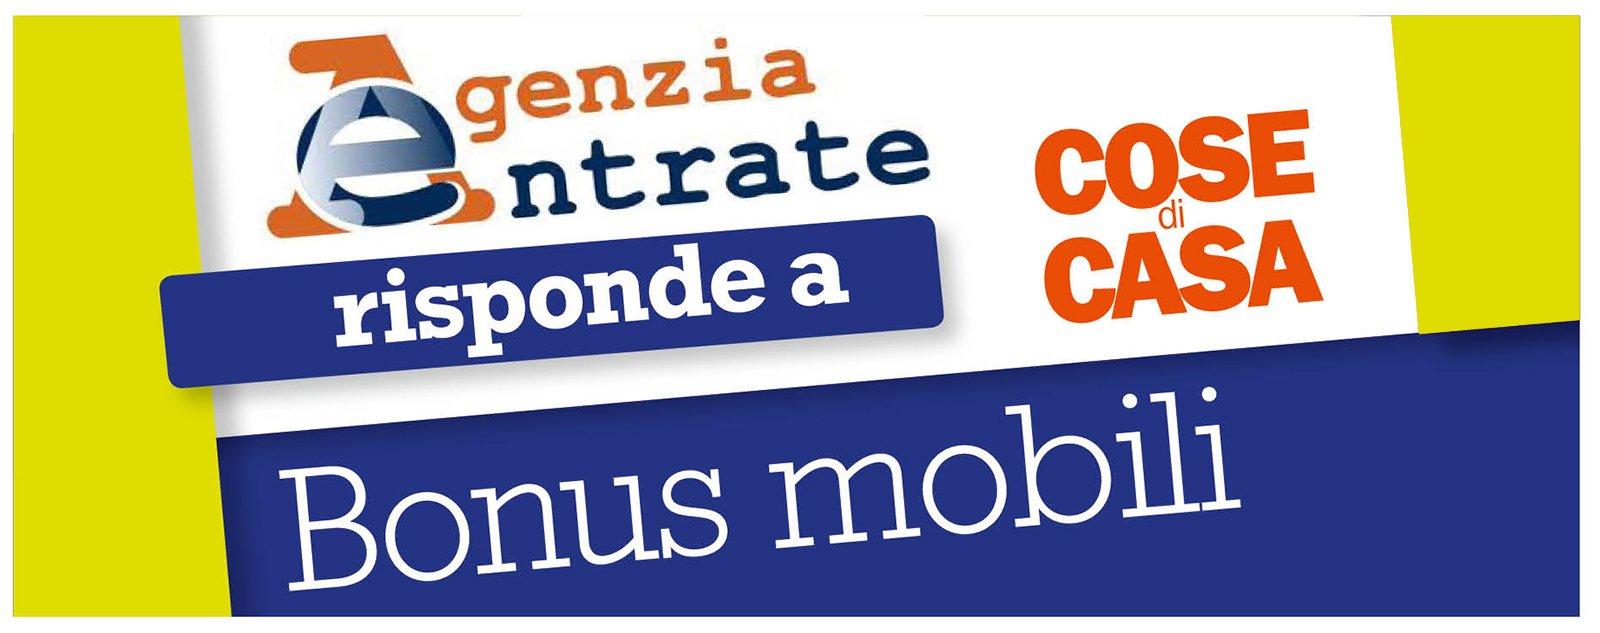 Bonus mobili 2013 l 39 agenzia delle entrate risponde cose for Bonus arredi agenzia entrate